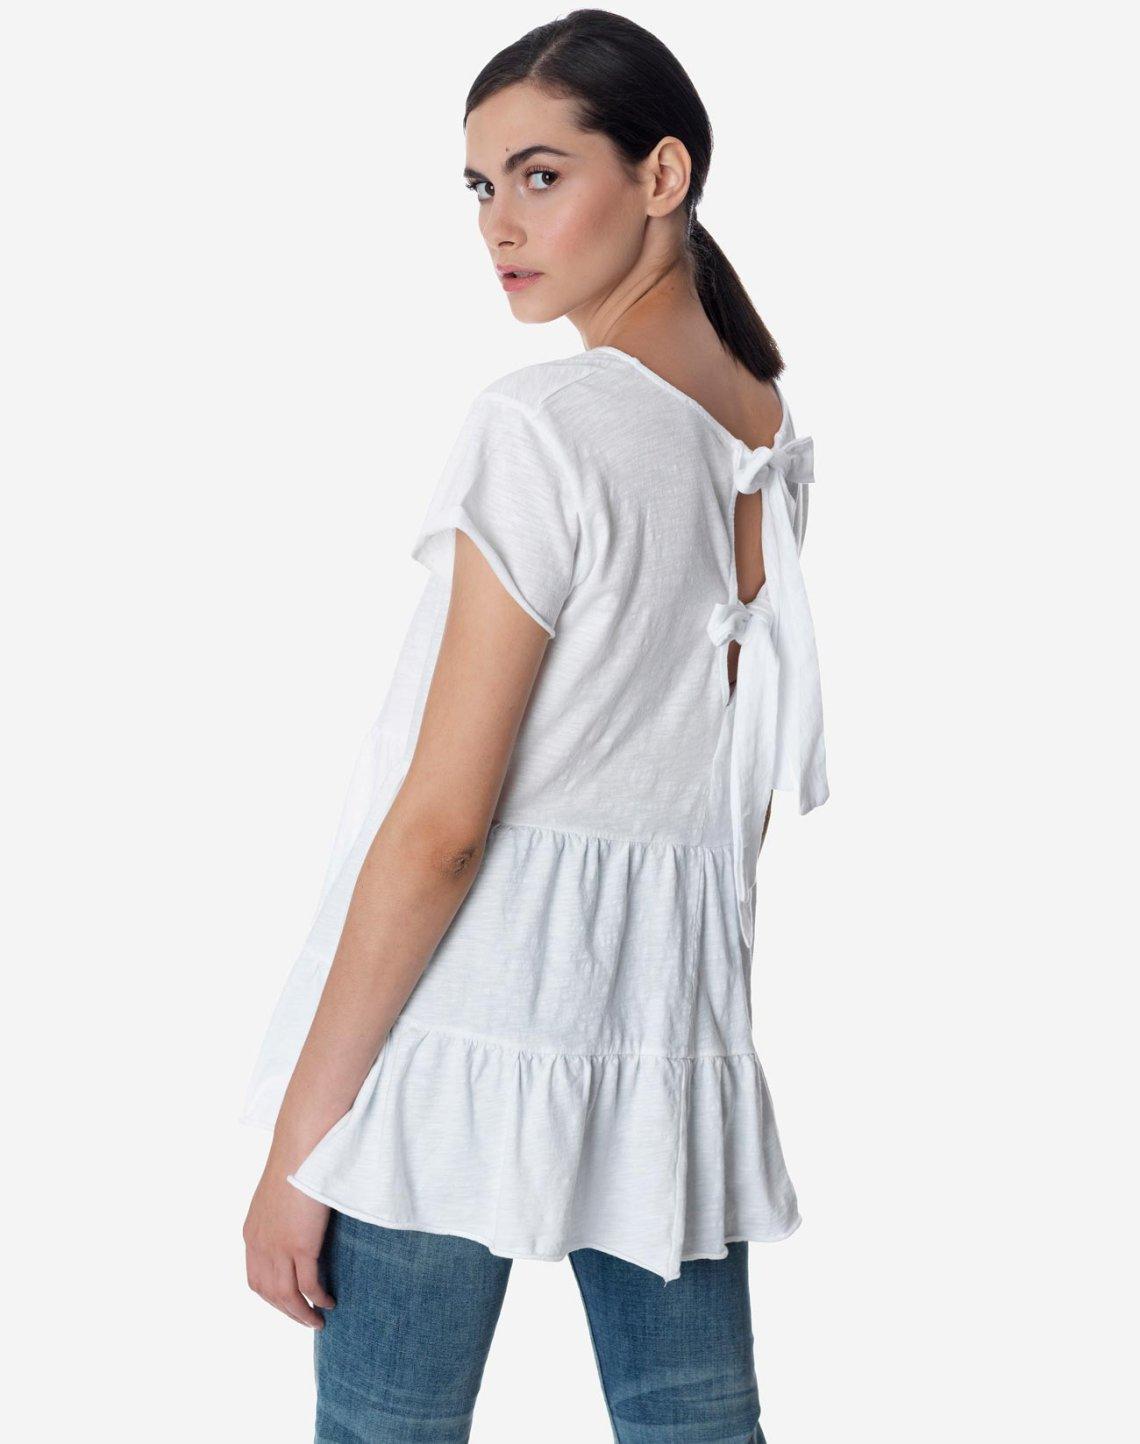 Μπλούζα με φιόγκους στην πλάτη